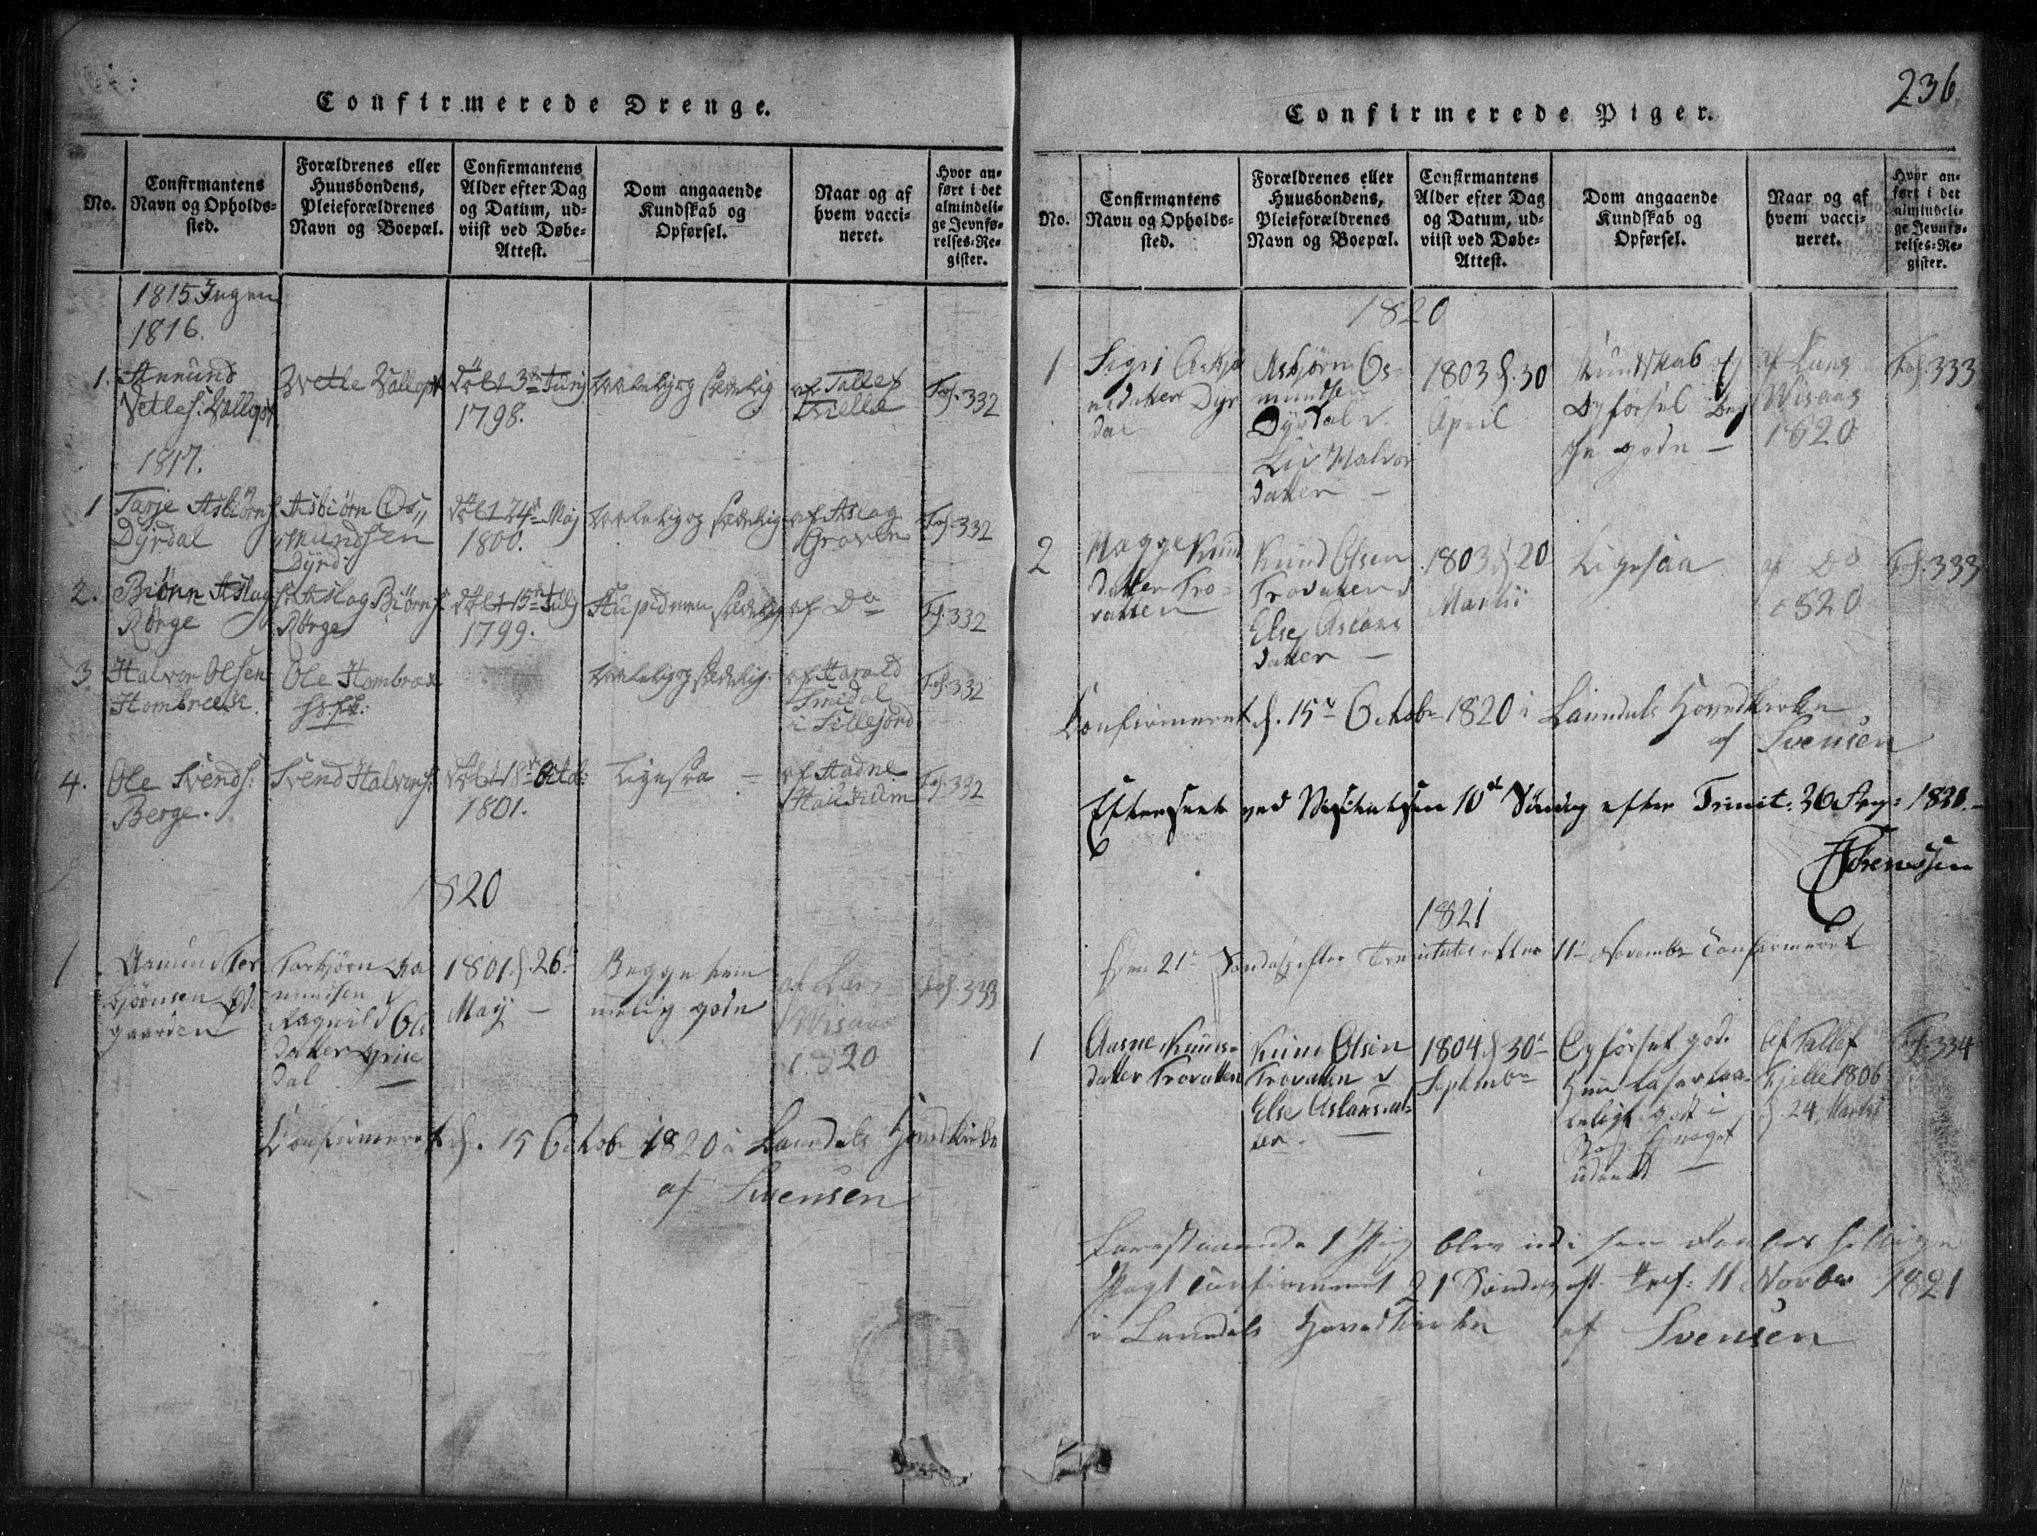 SAKO, Rauland kirkebøker, G/Gb/L0001: Klokkerbok nr. II 1, 1815-1886, s. 236